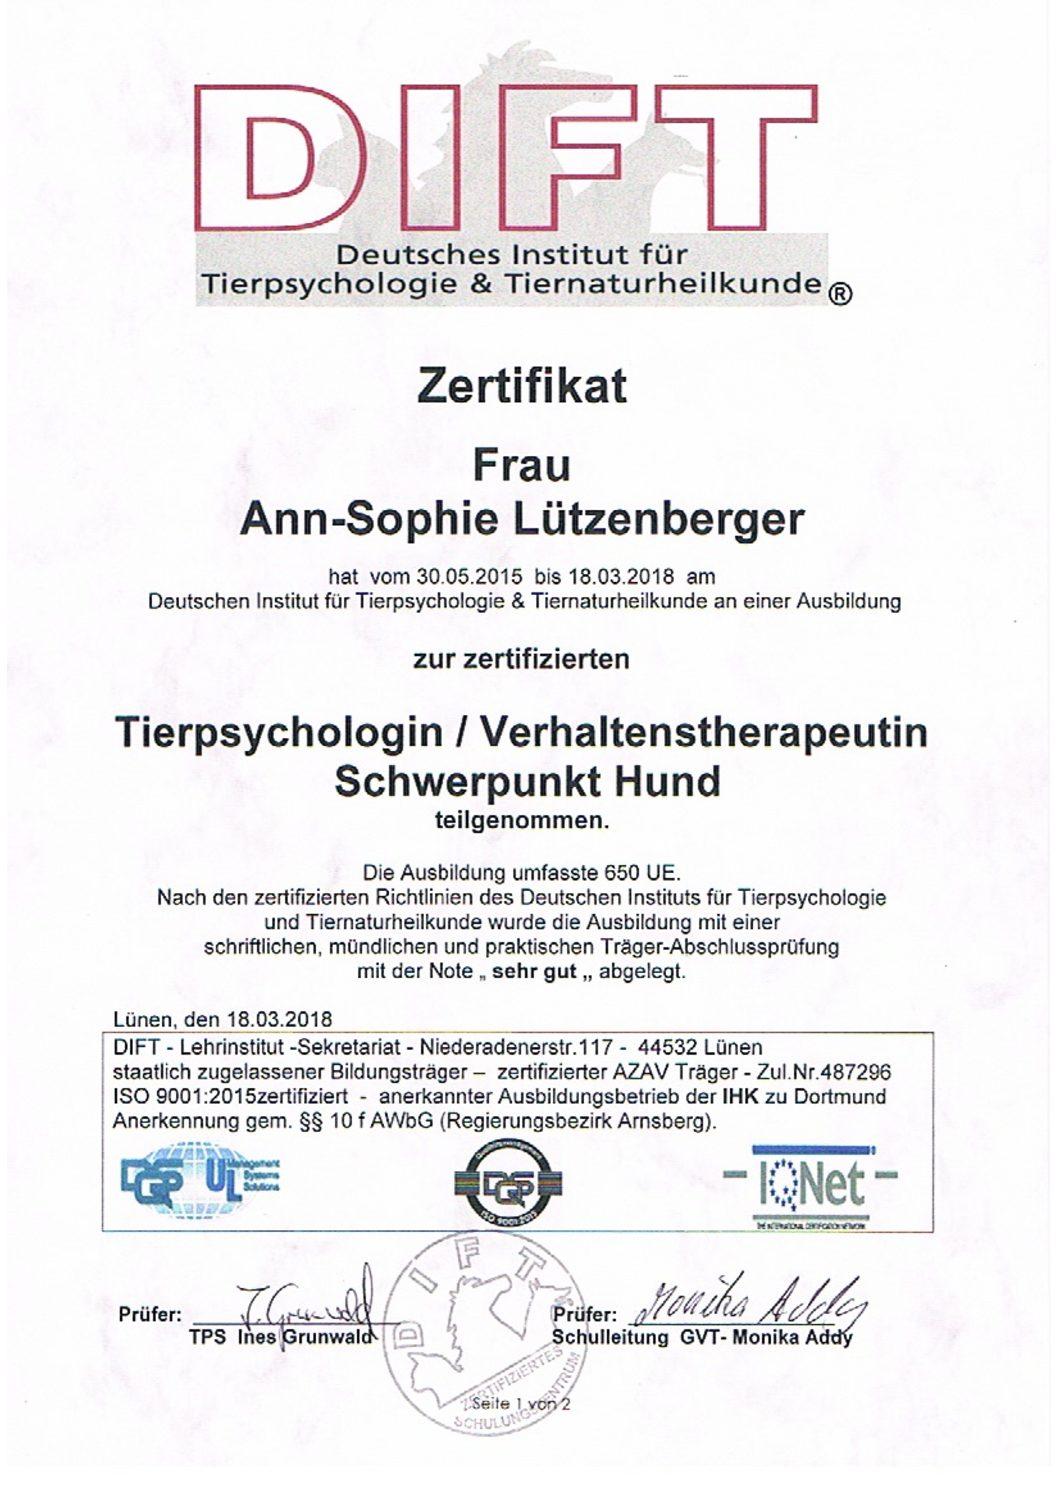 Ann-Sophie Lützenberger Abschlusszertifikat